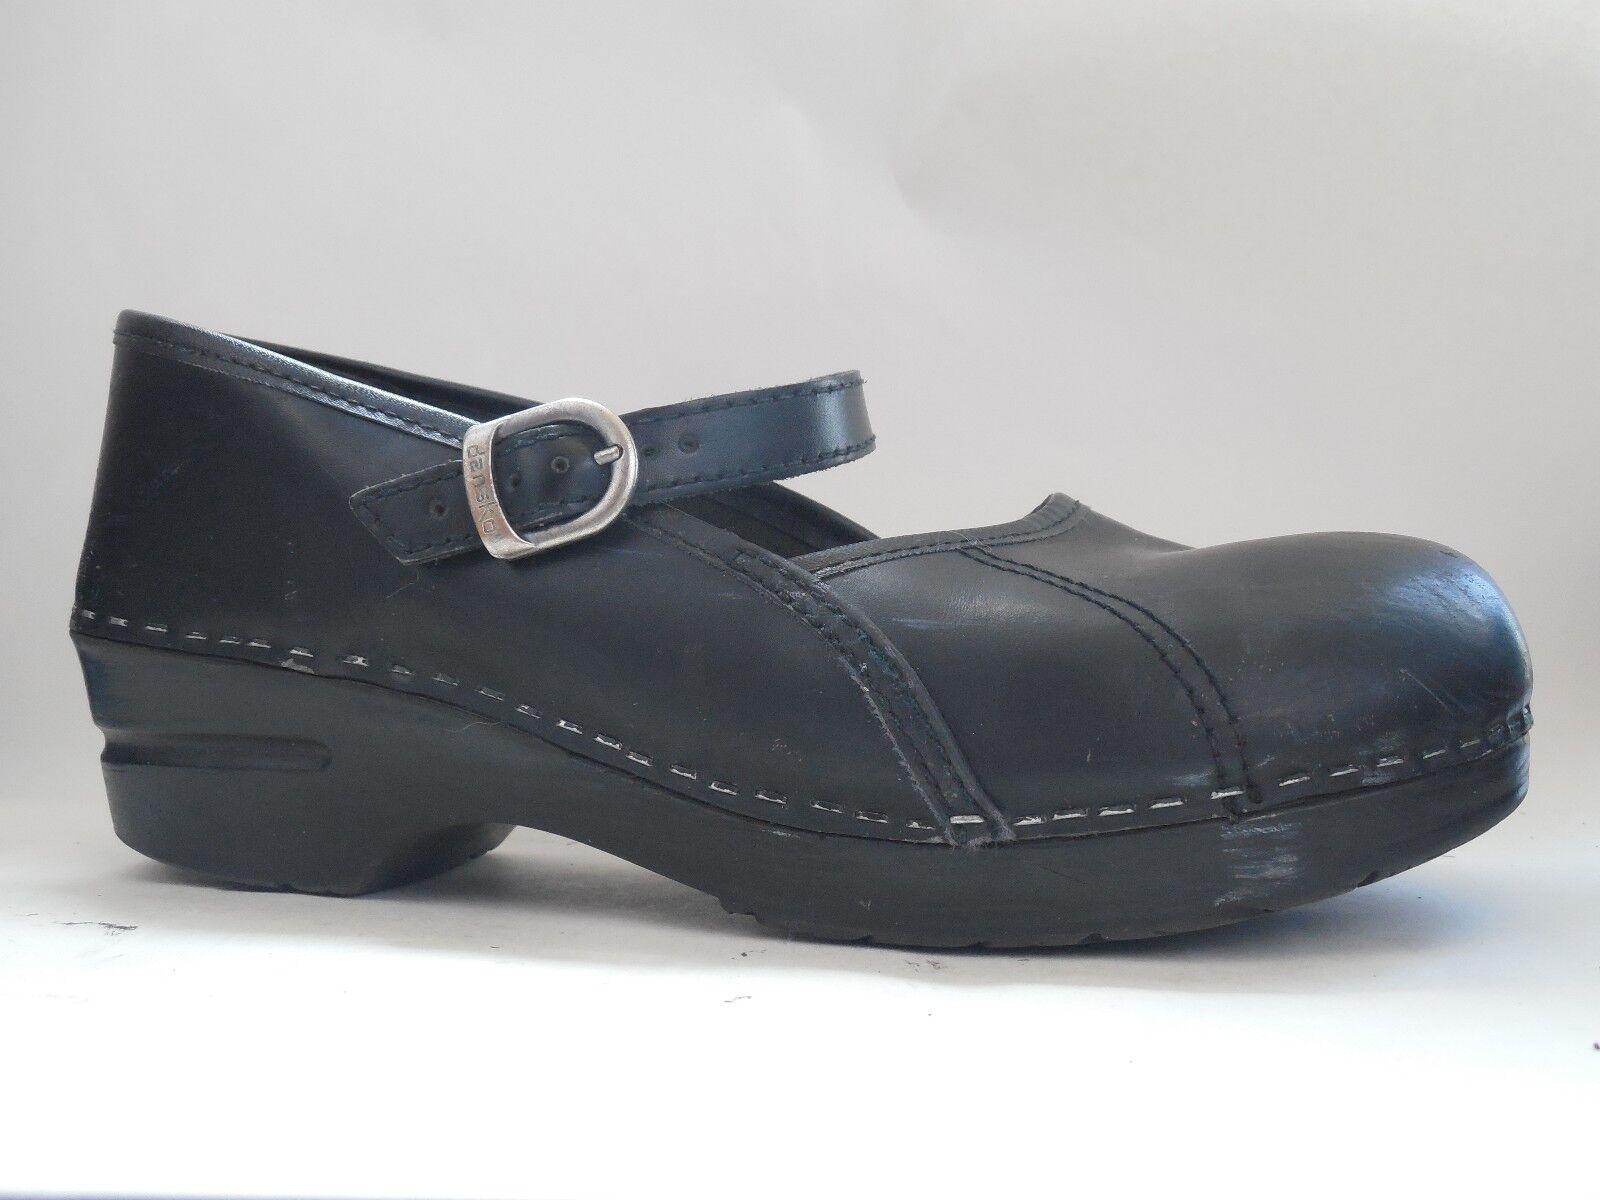 Dansko para mujer 9.5 10 M EU 40 40 40 Mary Jane Zapatos Negro Cuero Carrera De Confort Zuecos  mas preferencial